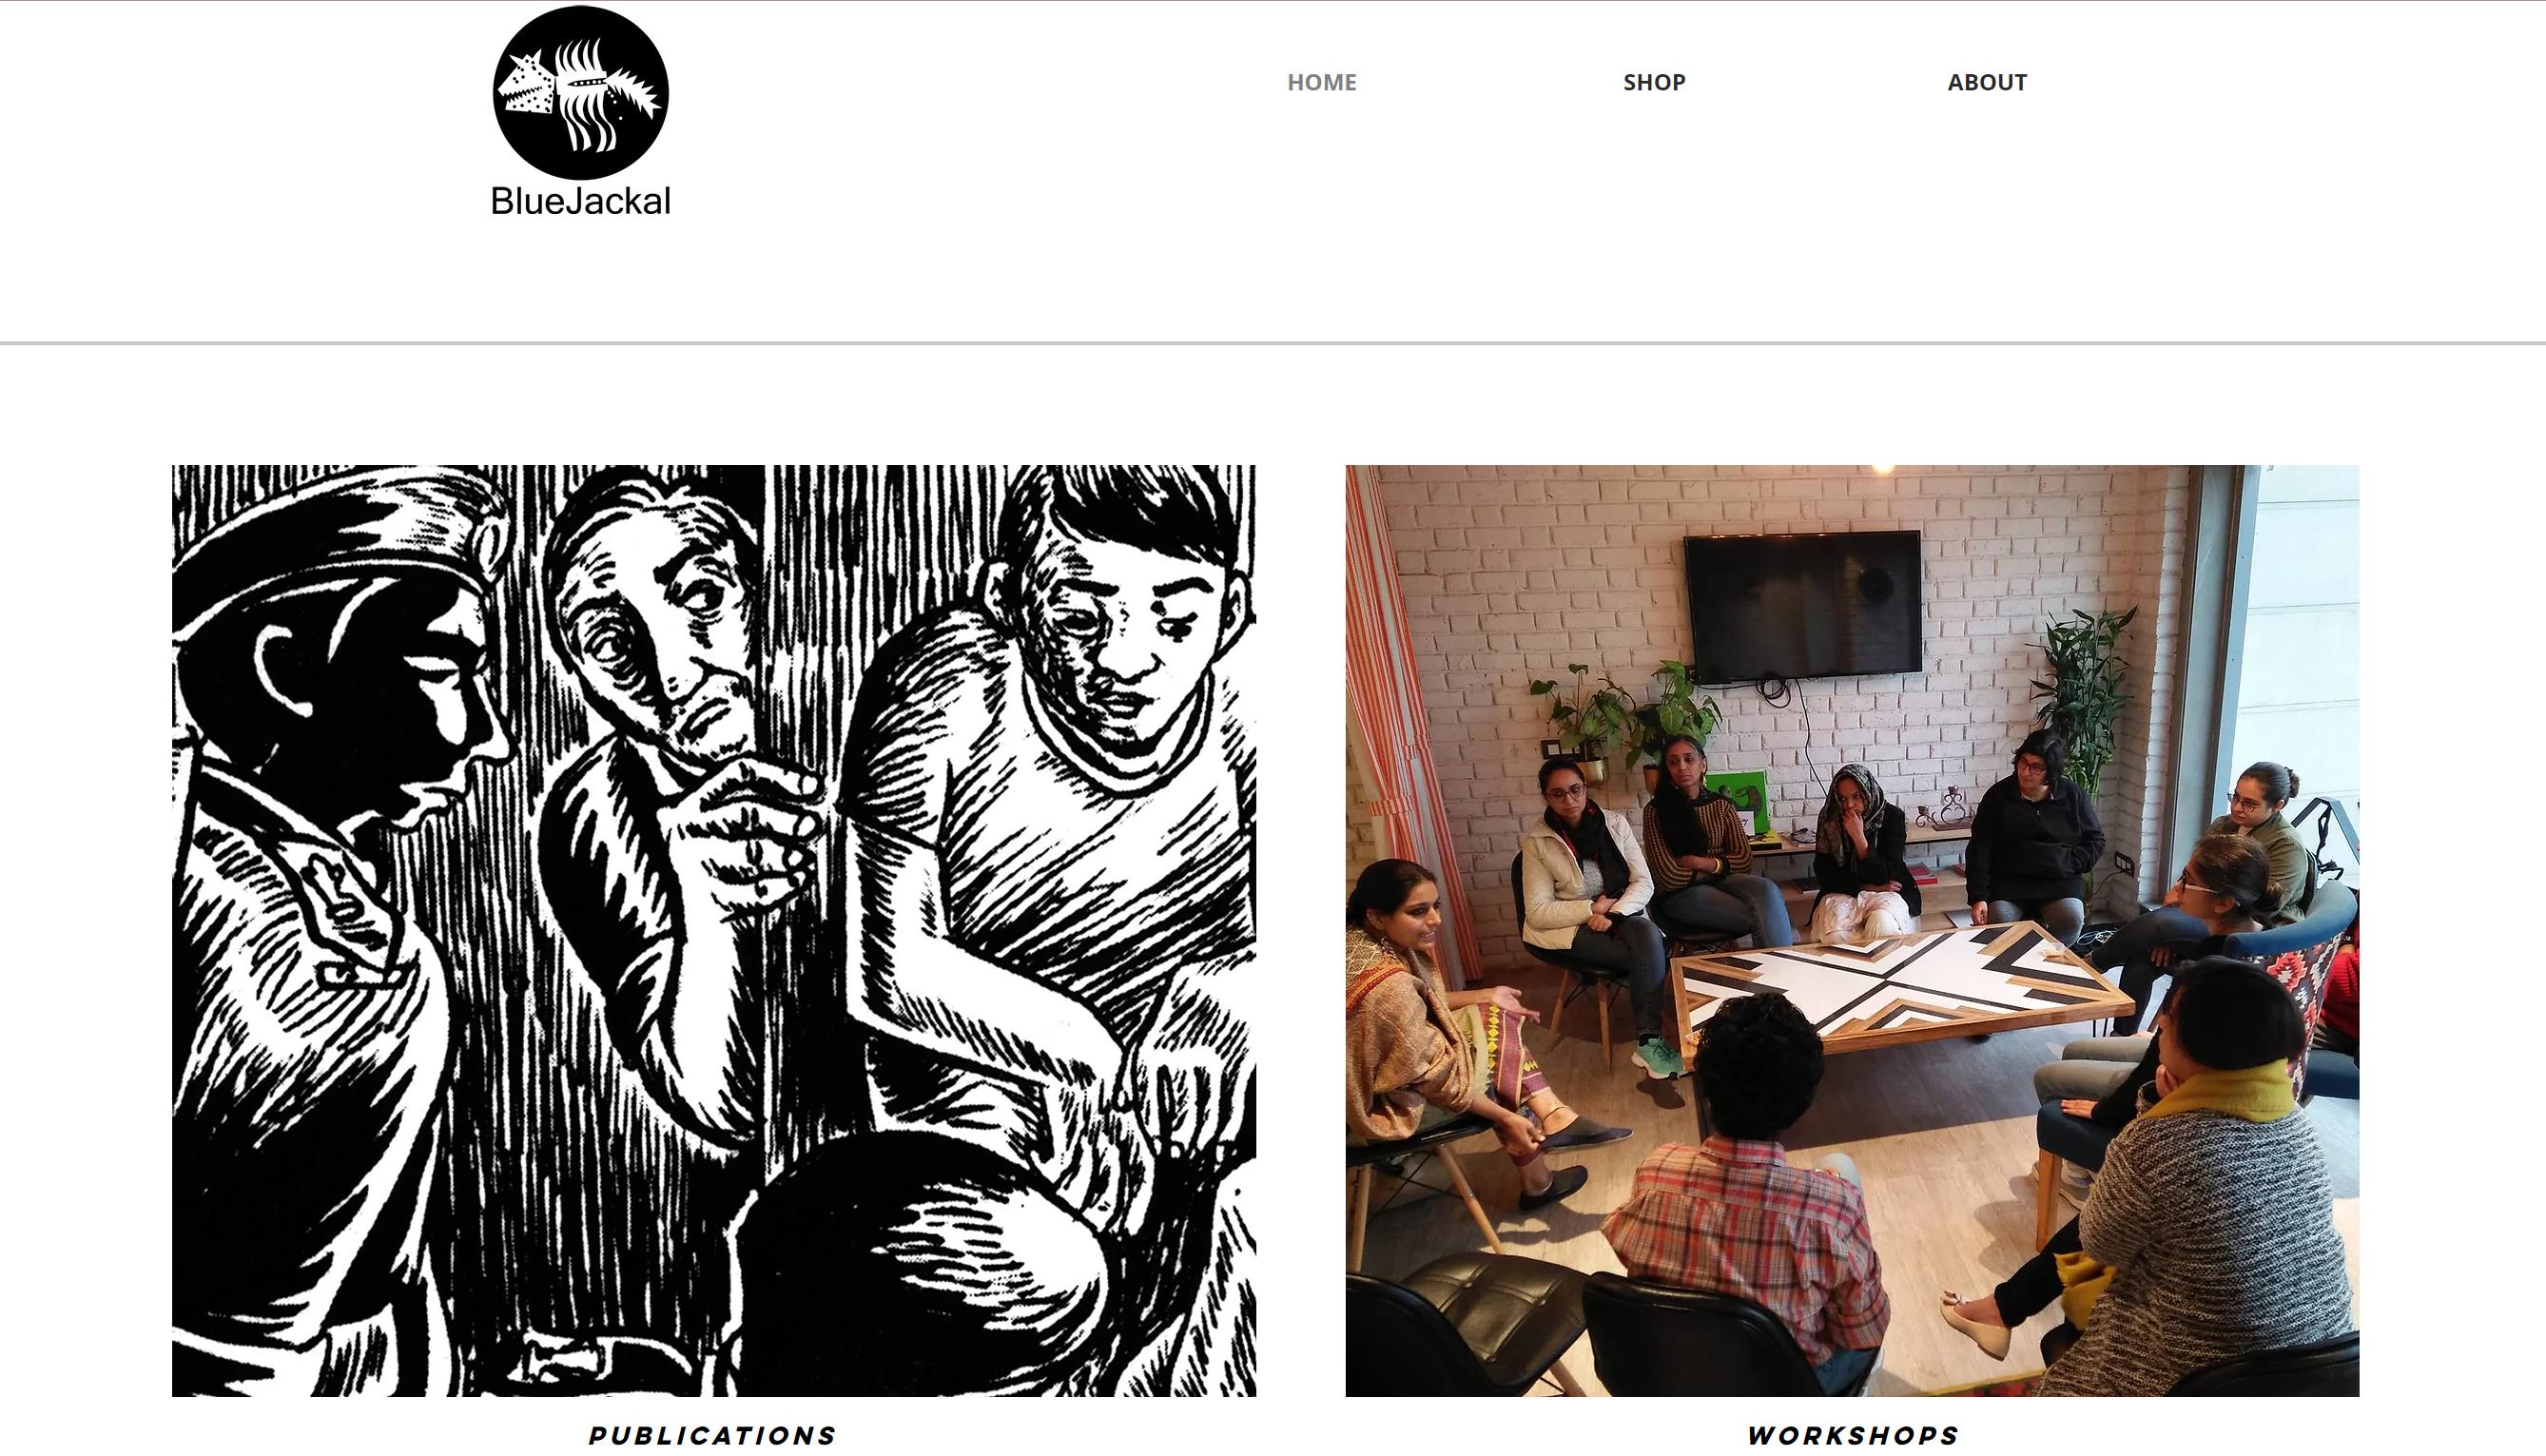 homepage of BlueJackal's site